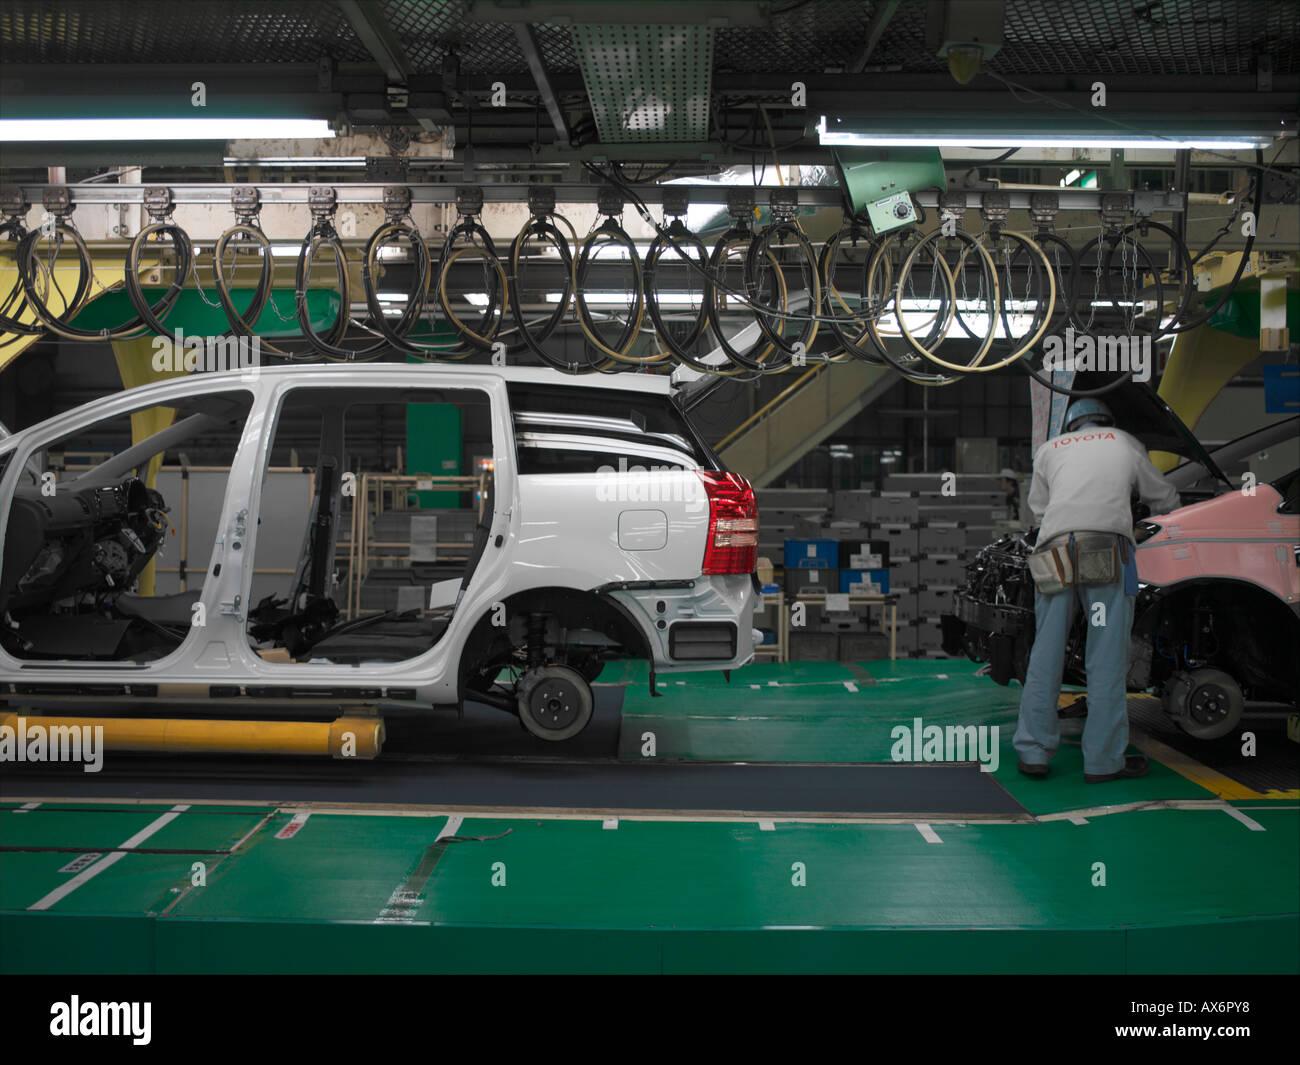 Trabajadores de la fábrica produciendo el Toyota Prius híbrido de coches trabajan en la línea de ensamblaje en la ciudad de Toyota Imagen De Stock